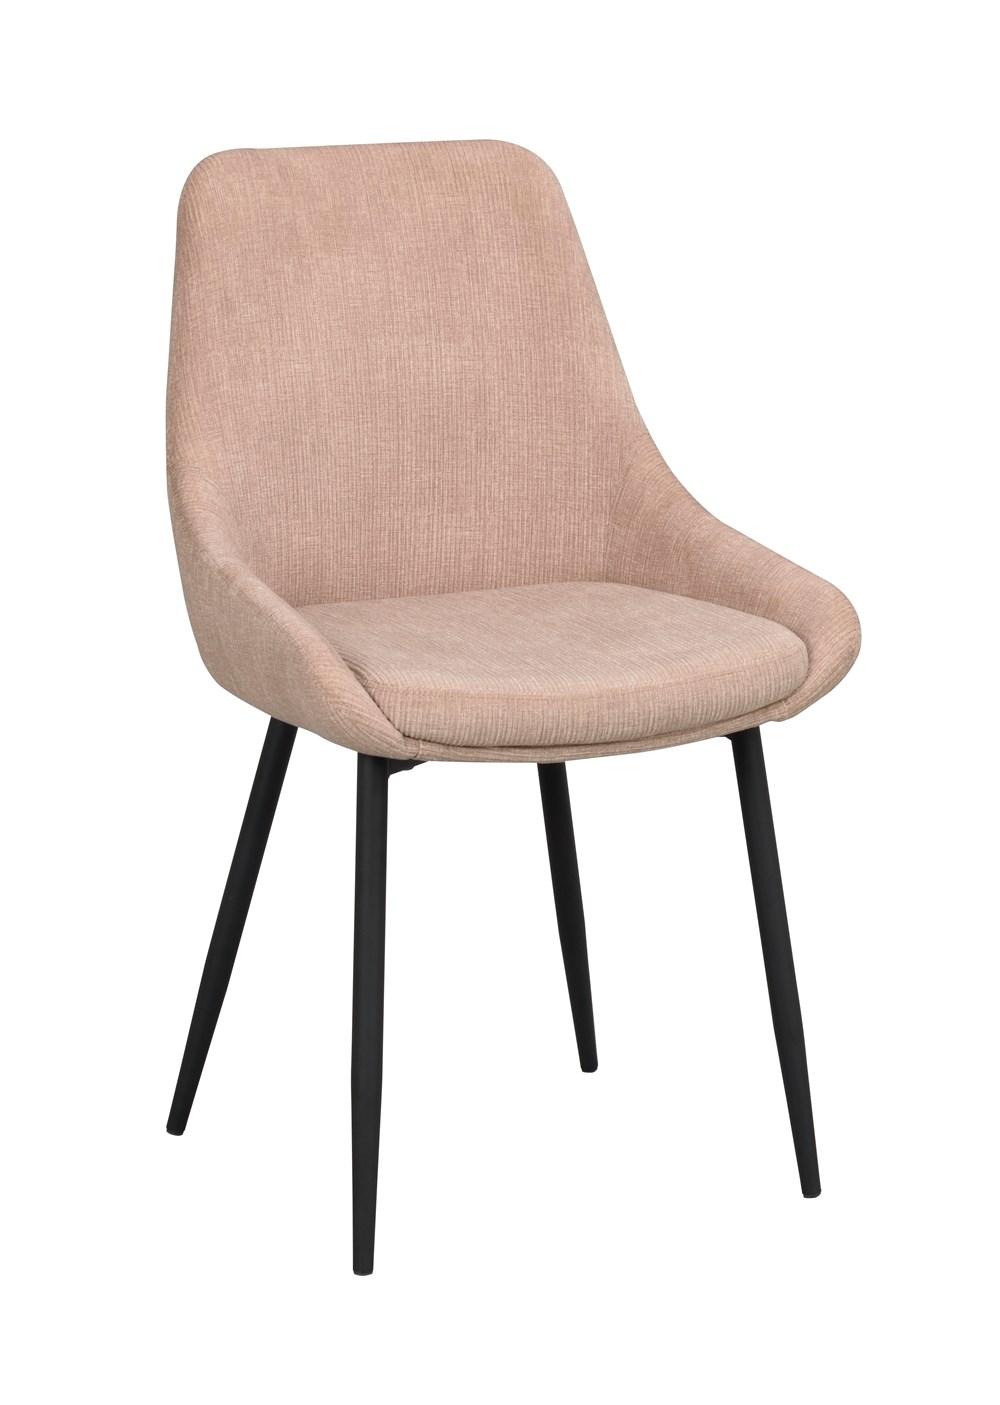 Sierra tuoli beige vakosametti / musta metalli, Rowico